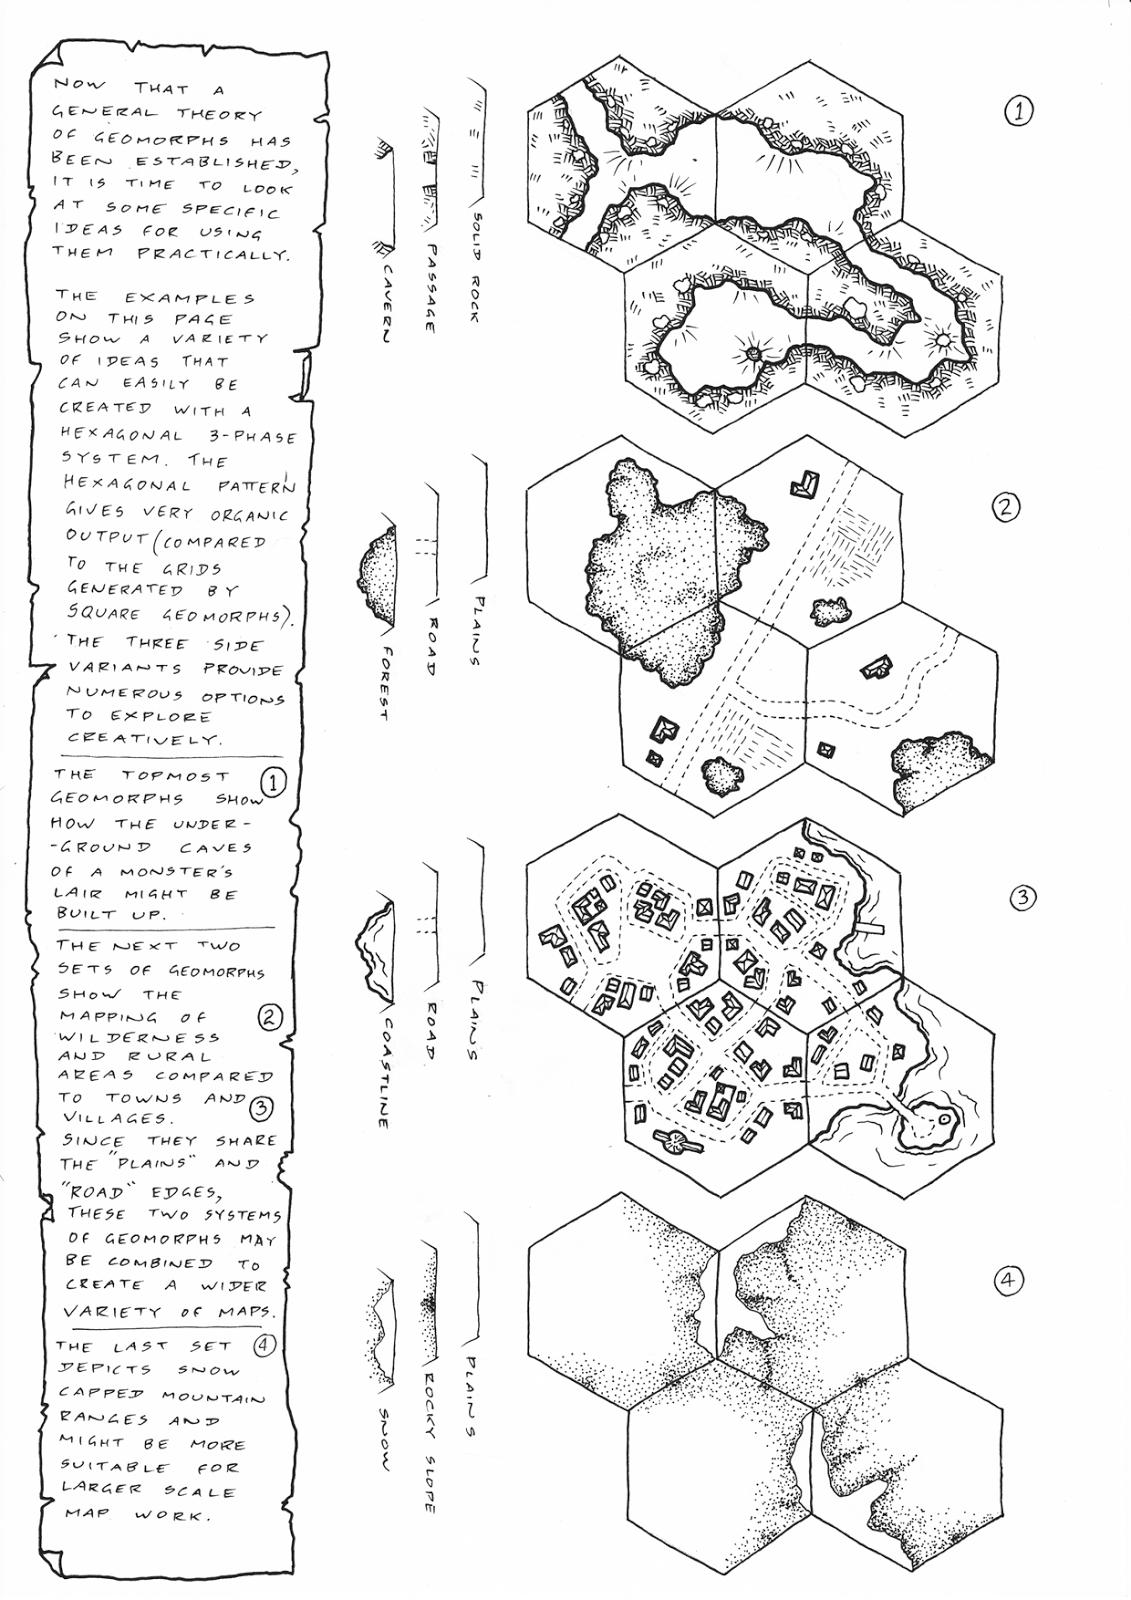 Inked Adventures » Blog Archive » Free Sample Geomorph